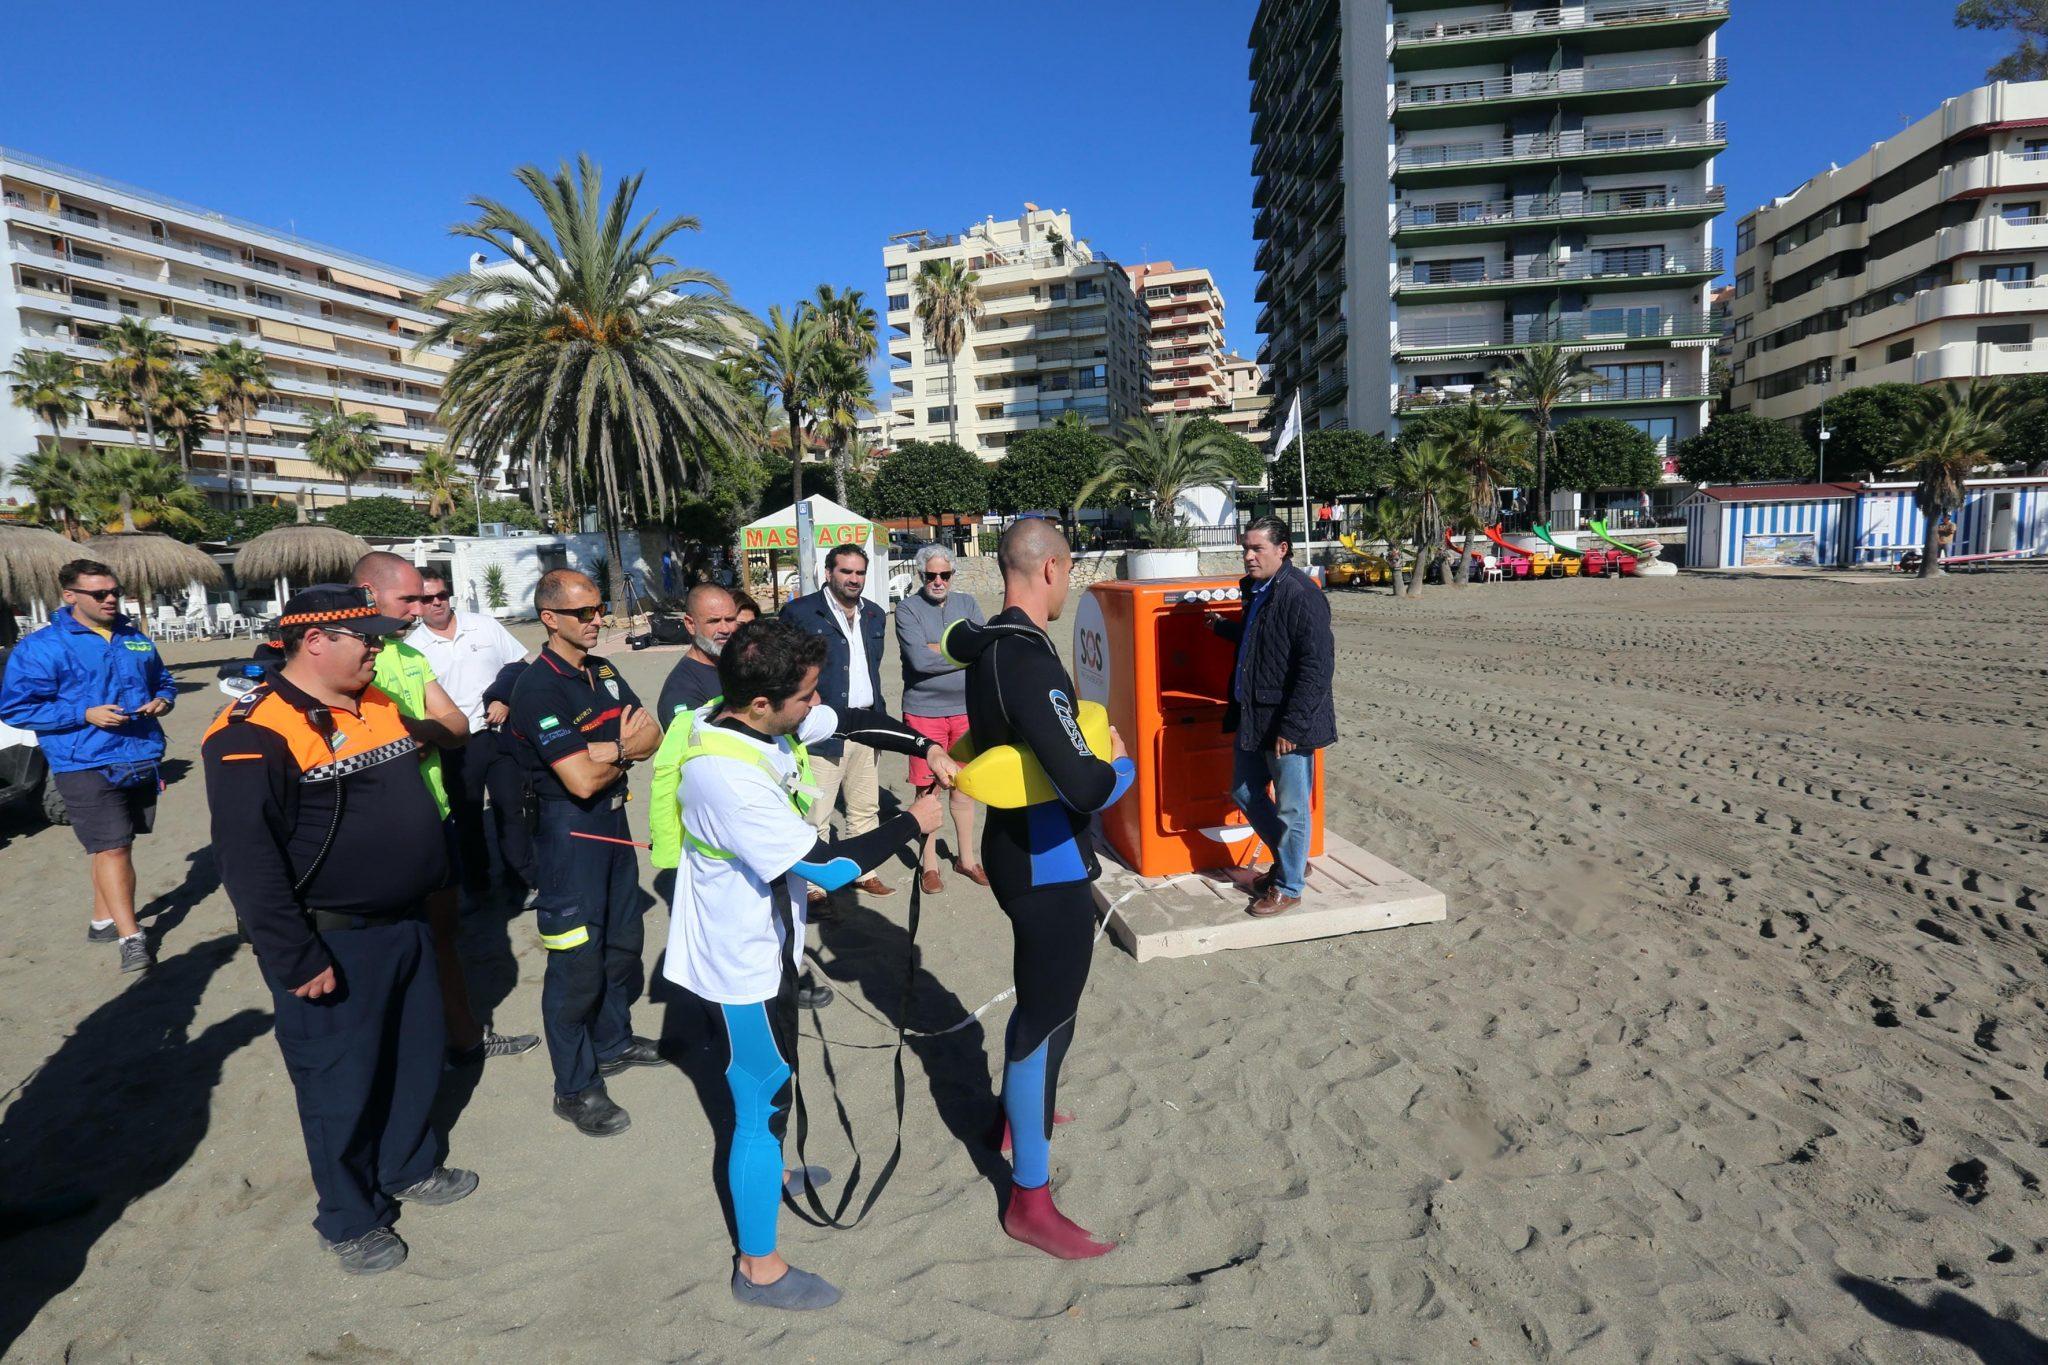 Bomberos, Protección Civil y socorristas participan en un simulacro de salvamento en las playas